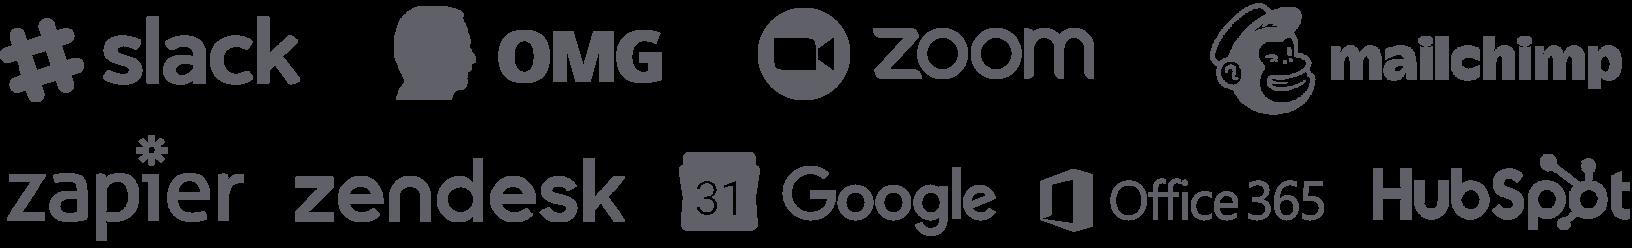 Integrations_logos_2